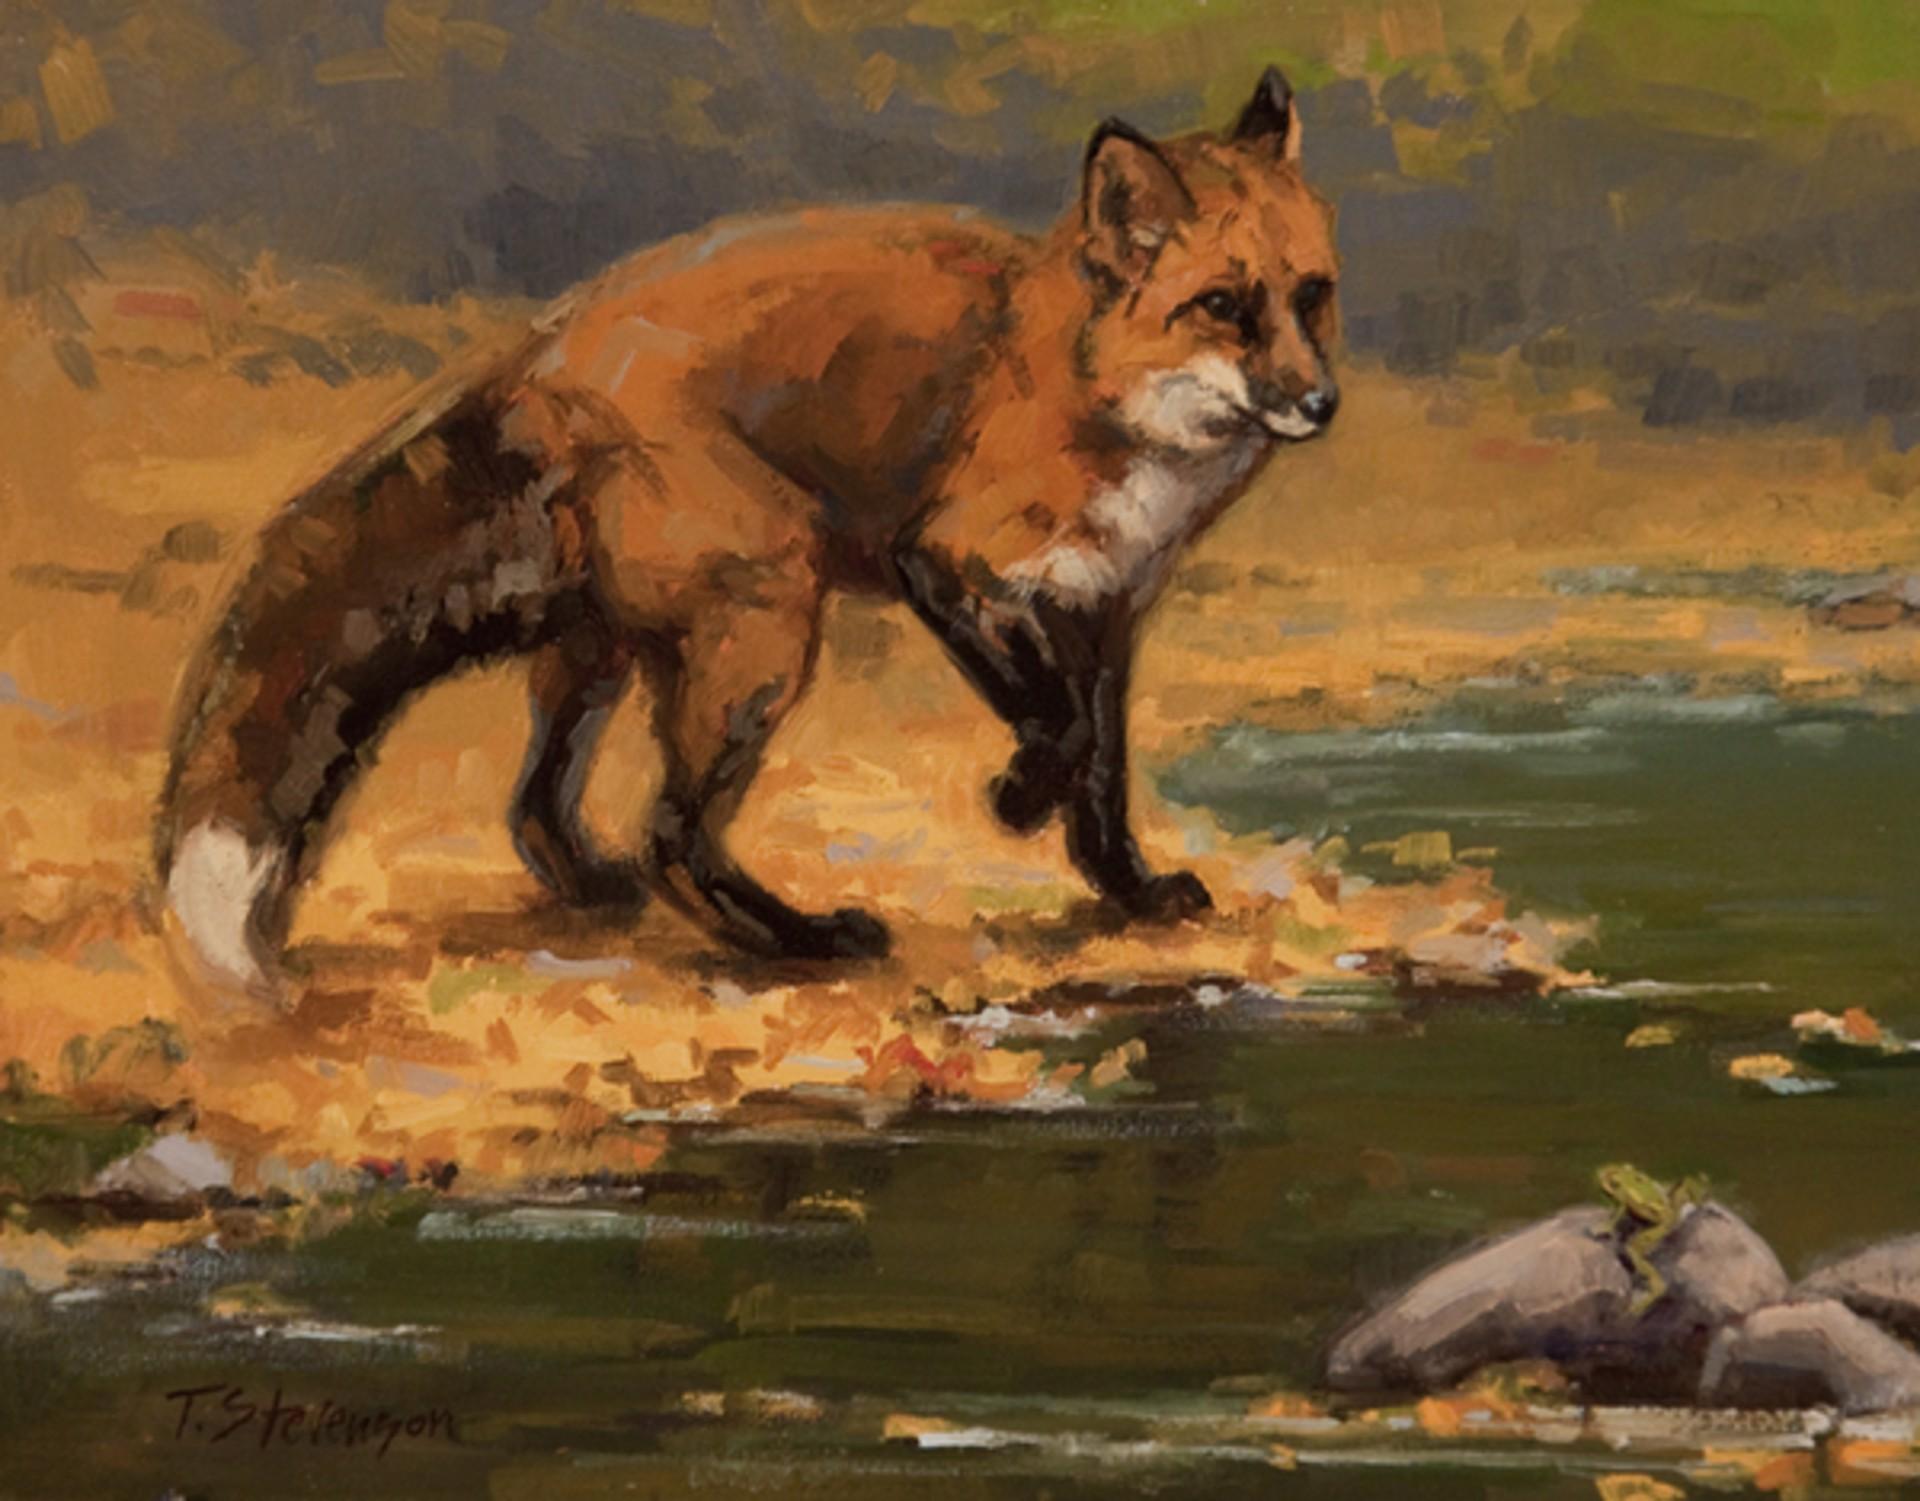 The Next Step (Fox) by Tiffany Stevenson